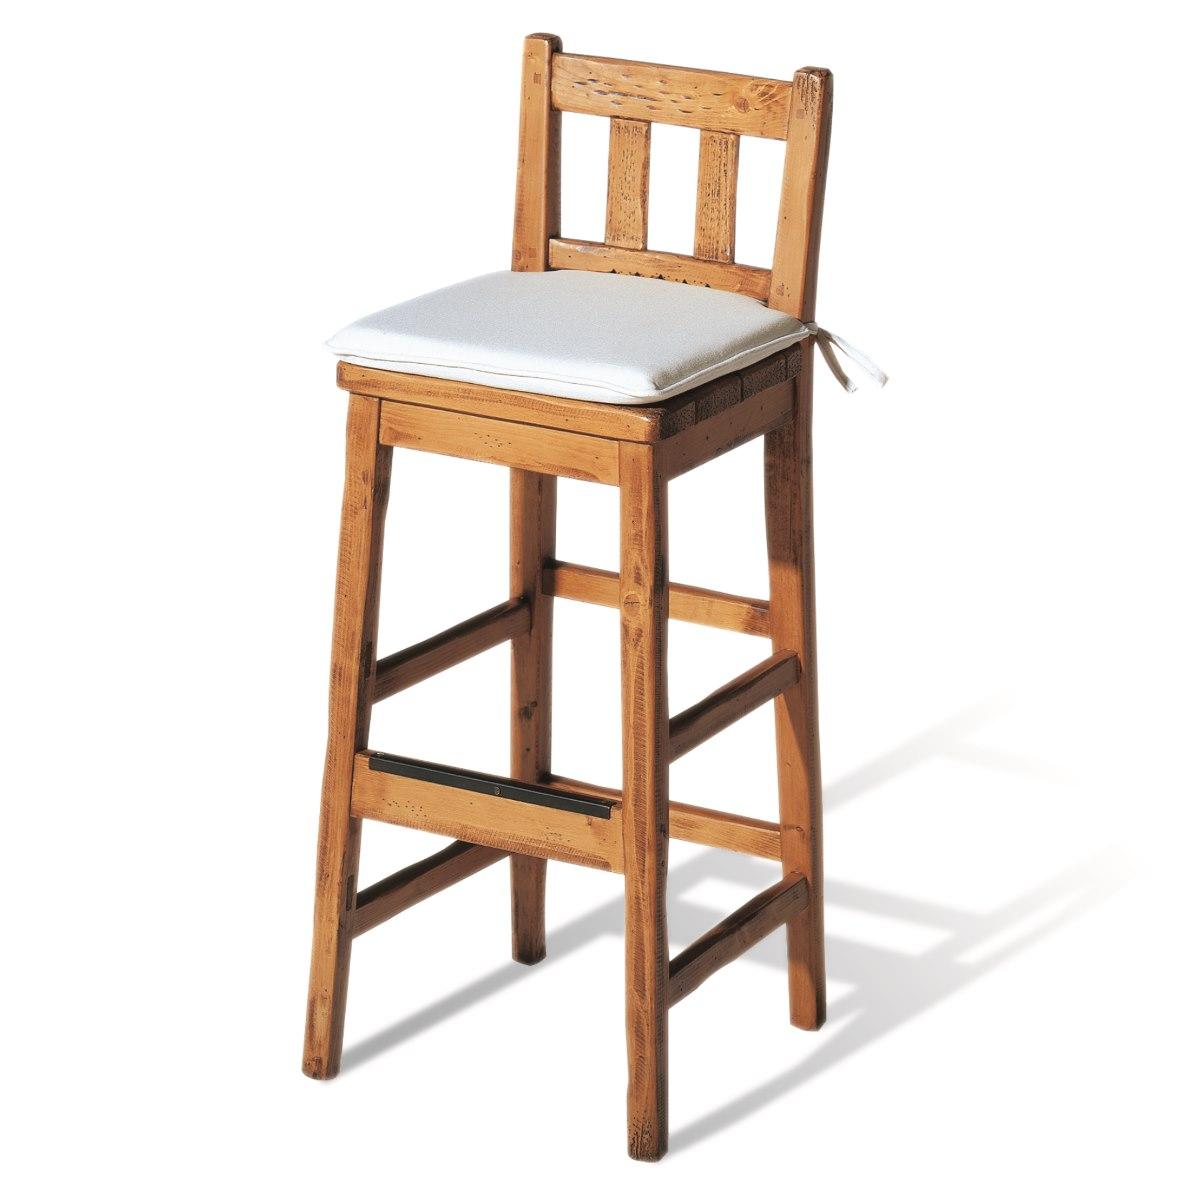 Taburete bar r stico de madera ecor stico venta de muebles for Taburetes de madera